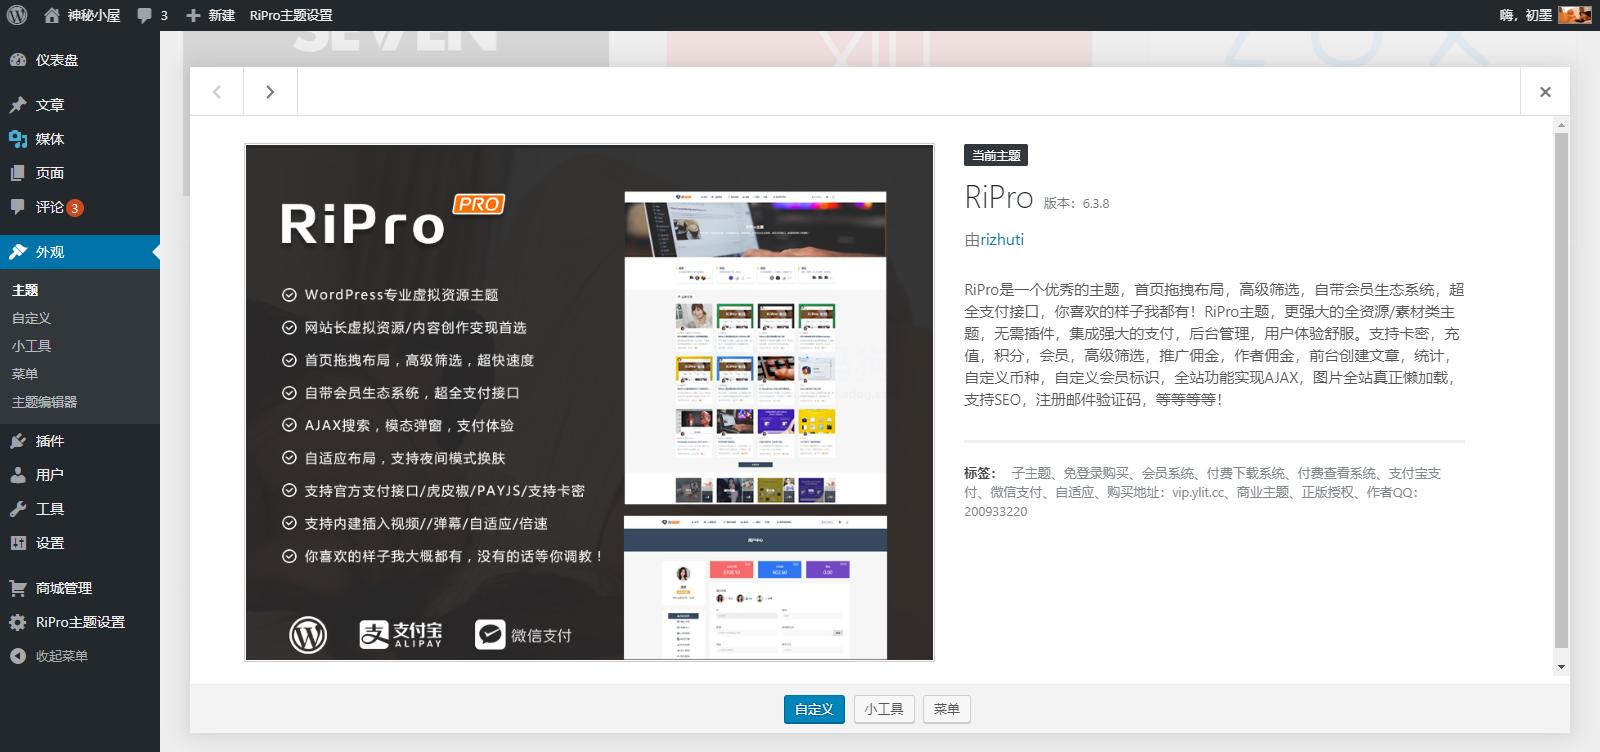 wordpress付费主题:日主题RiPro6.3.8免授权学习破解版免费分享[修复版]